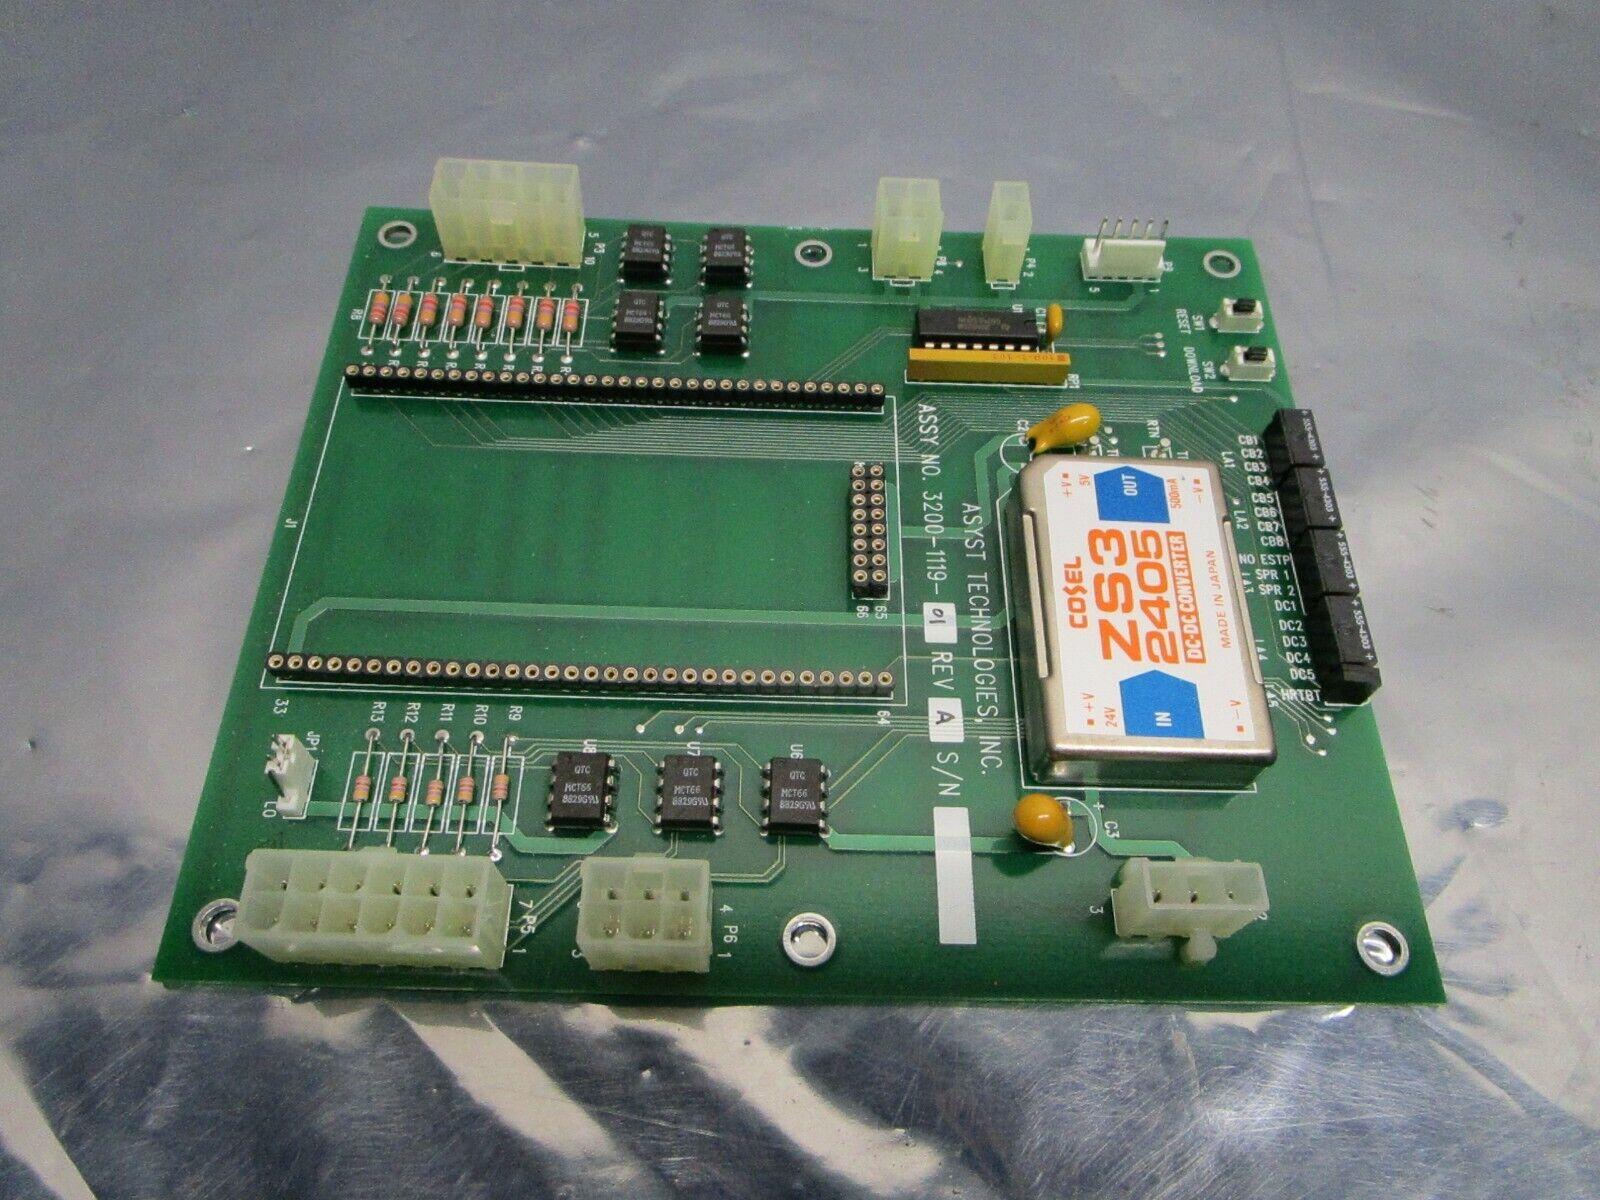 Asyst 3200-1119-01 PCB, FAB 3000-1119-01, 101213